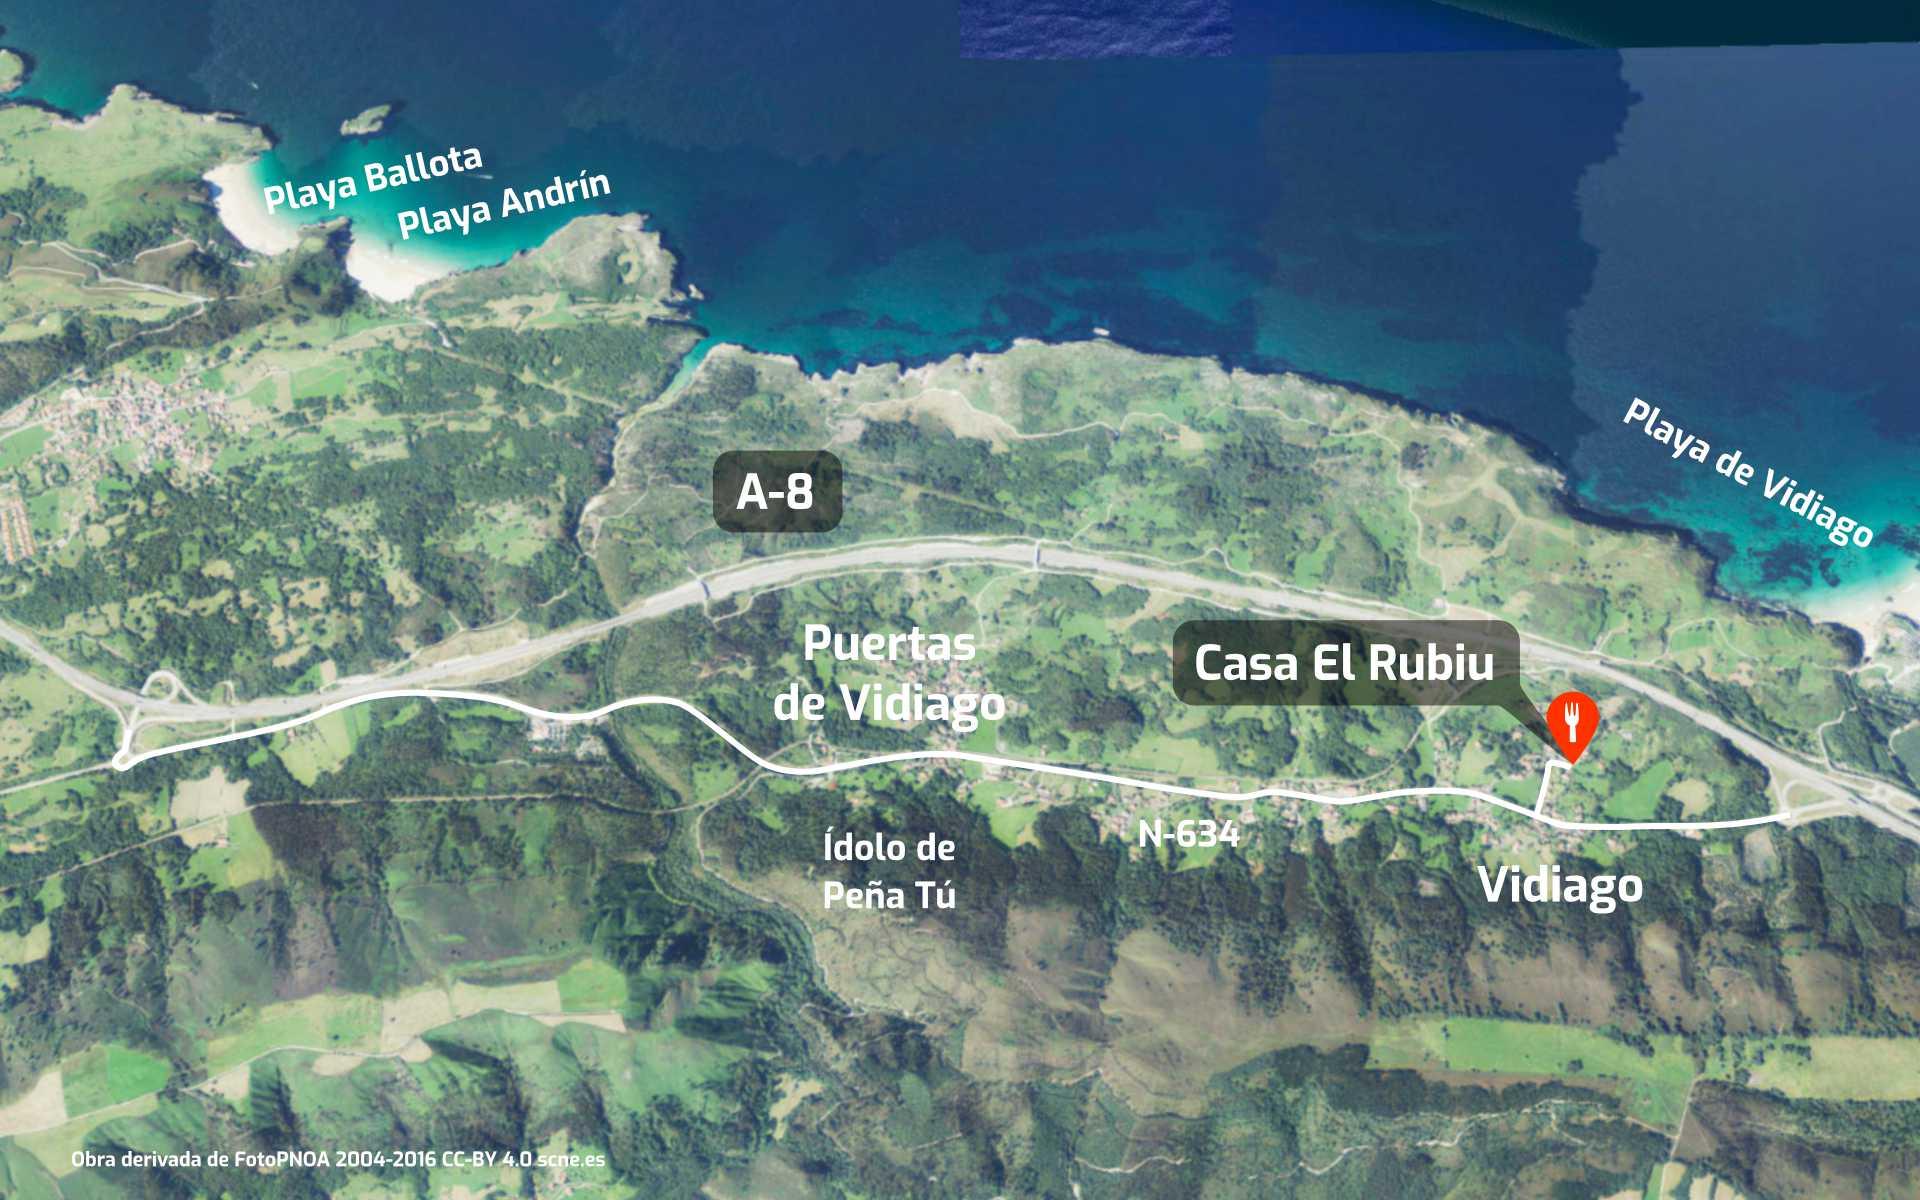 Mapa de como llegar al restaurante Sidrería Casa El Rubiu en Vidiago, Llanes, Asturias´